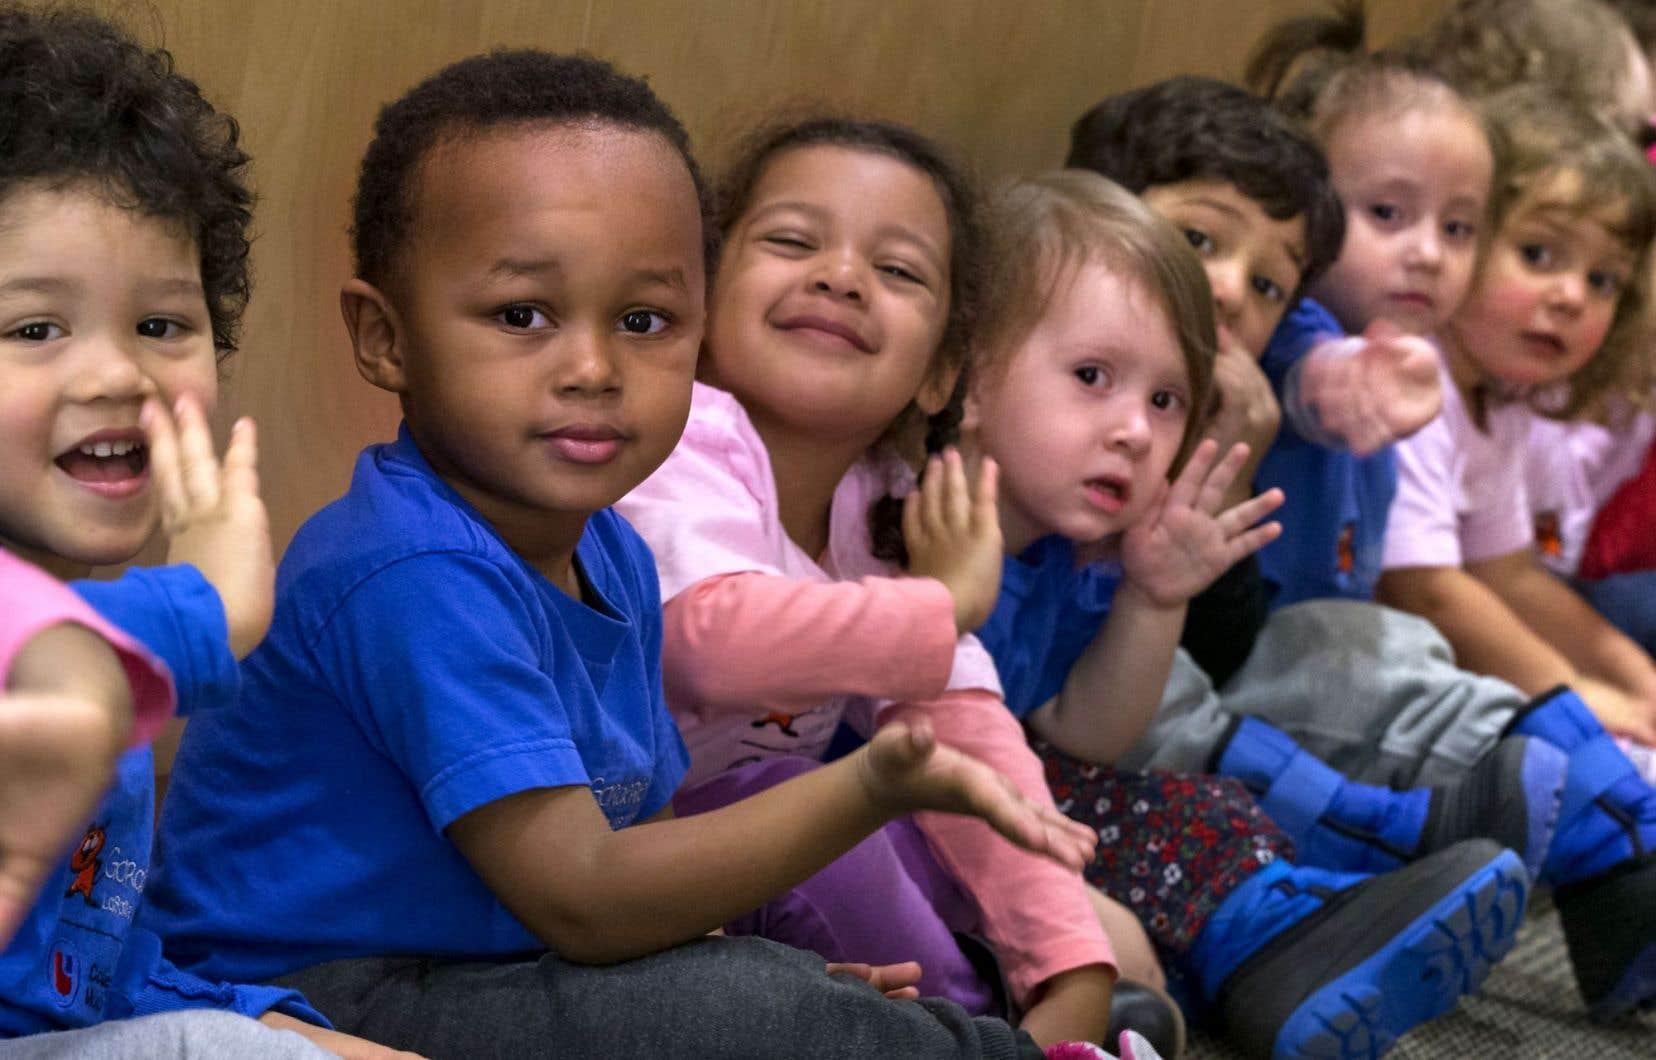 Louis Senécal, président-directeur général de l'Association des CPE, rappelle les deux grands principes fondateurs du réseau des centres de la petite enfance: la conciliation travail-famille et l'égalité des chances pour tous les enfants.